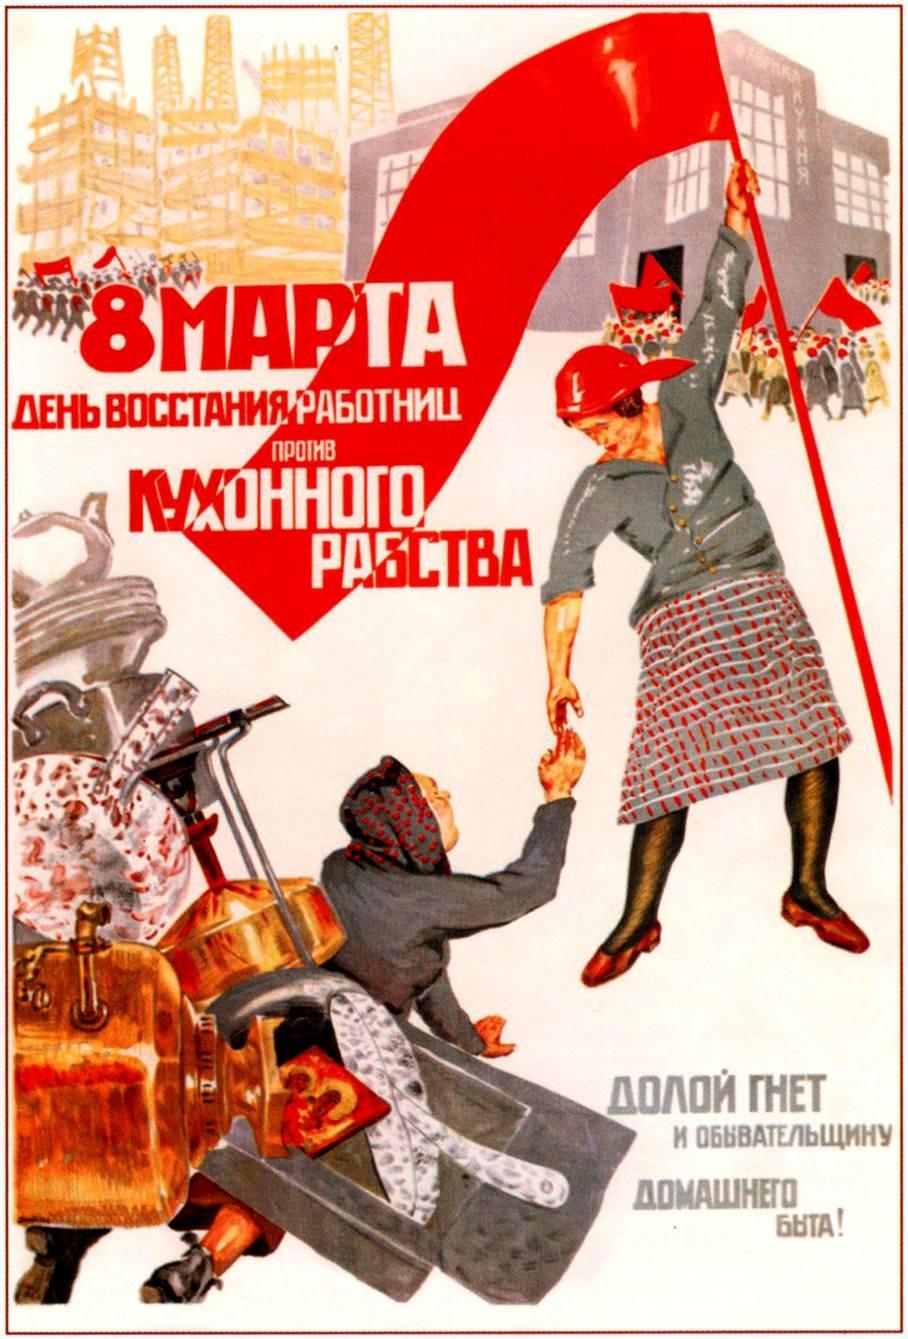 « Le 8 mars est le jour de la révolte des travailleuses contre l'esclavage de cuisine. À bas l'oppression et l'esprit philistin de la vie domestique »